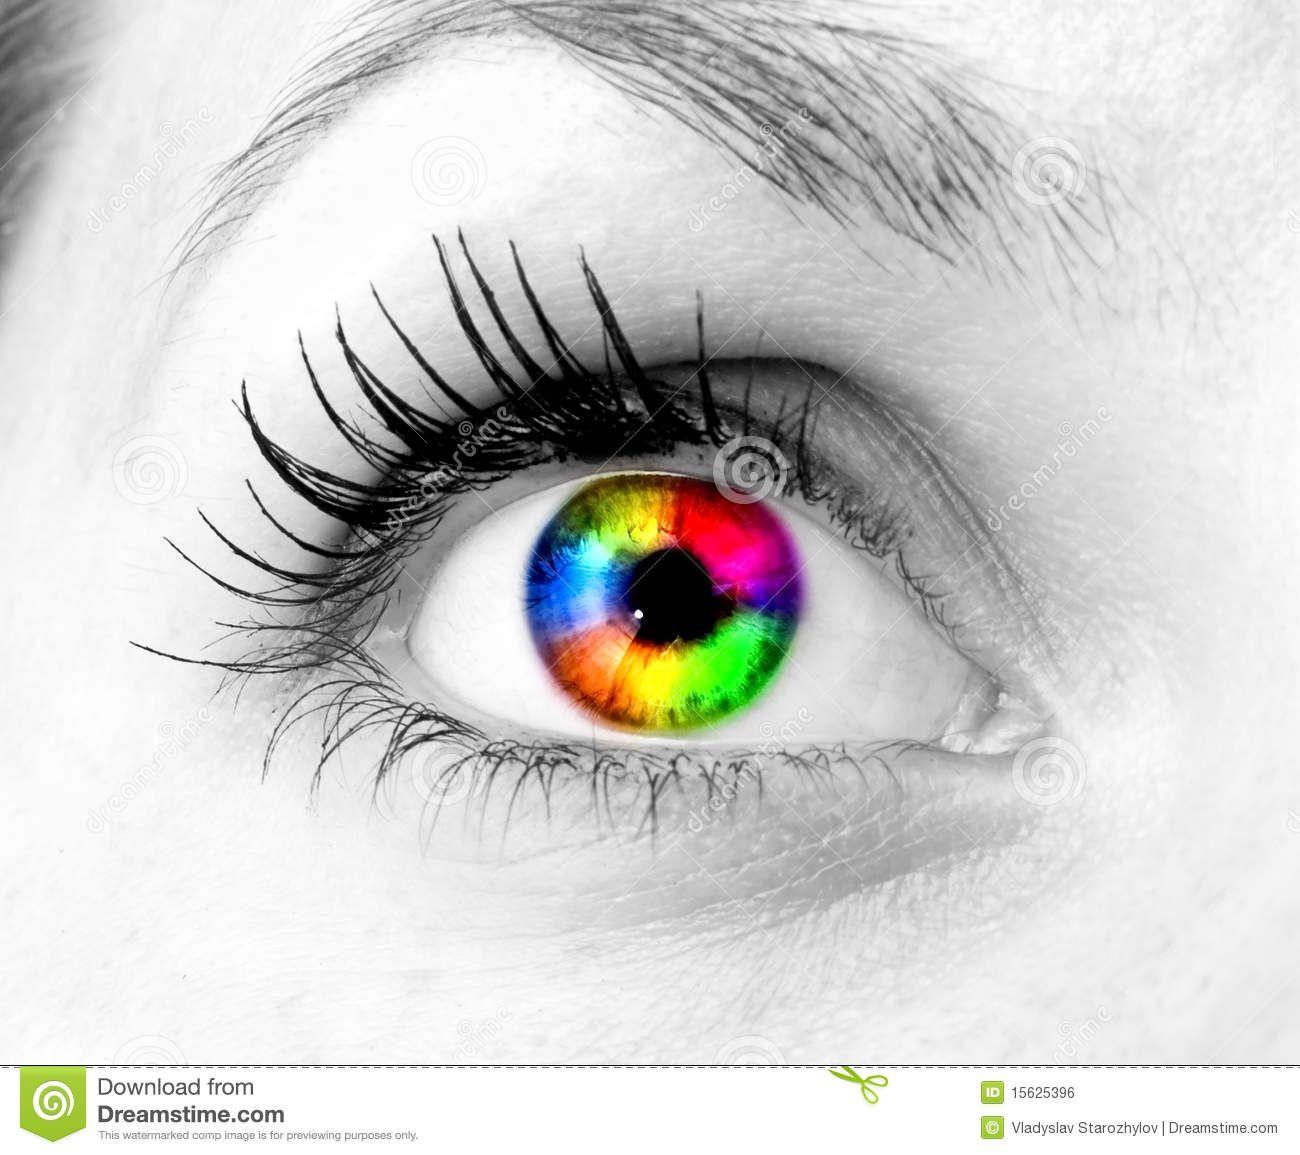 kleurrijk - Google zoeken